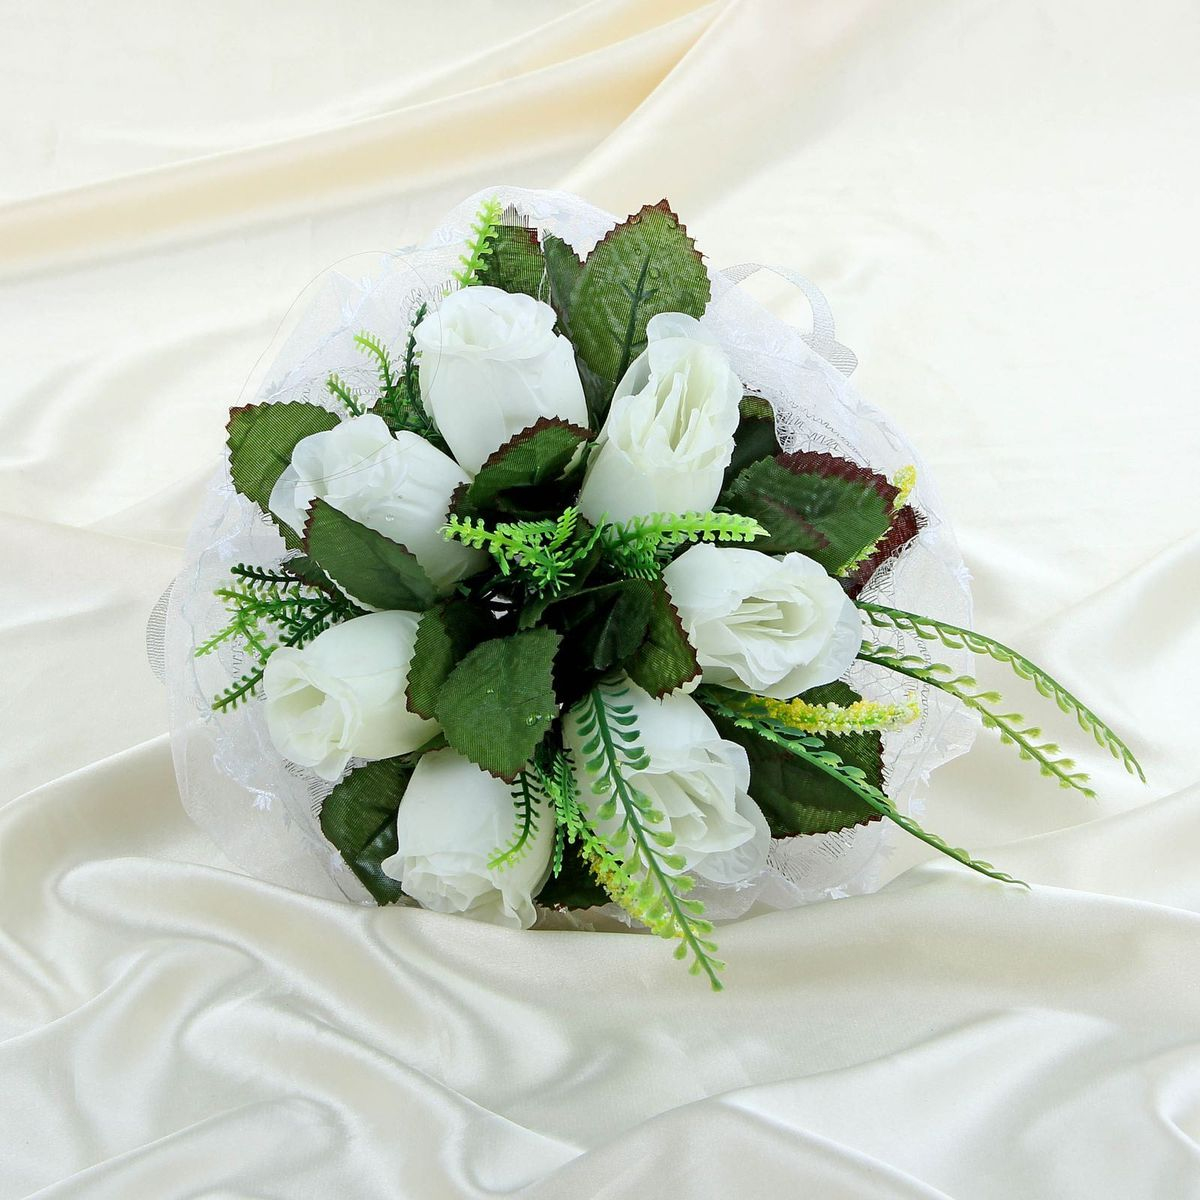 Букет-дублер Sima-land, цвет: белый. 11203221544528Традиция кидать букет невесты на свадьбе зародилась совсем недавно, но является одним из самых долгожданных моментов праздника. Для многих незамужних подружек – поймать букет на свадьбе – шанс осуществления заветной мечты.Современные невесты всё чаще используют для этого ритуала бутафорские букеты из искусственных материалов. Они легче, дешевле и точно не смогут рассыпаться в полете.